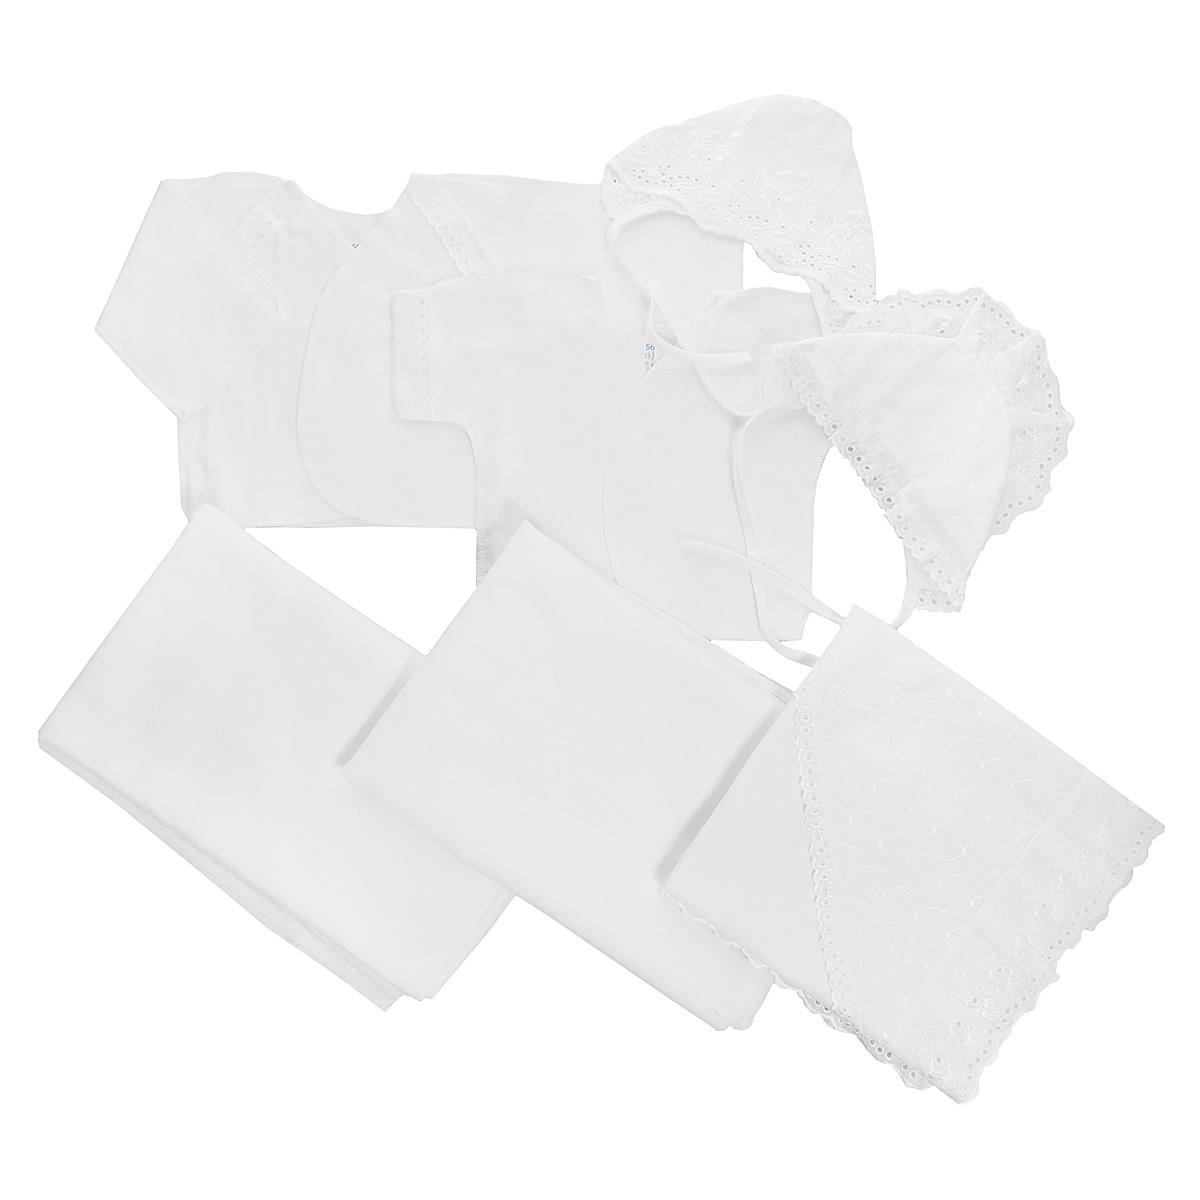 Комплект одежды Трон-плюс чепчик трон плюс цвет белый 2202 размер 62 3 месяца